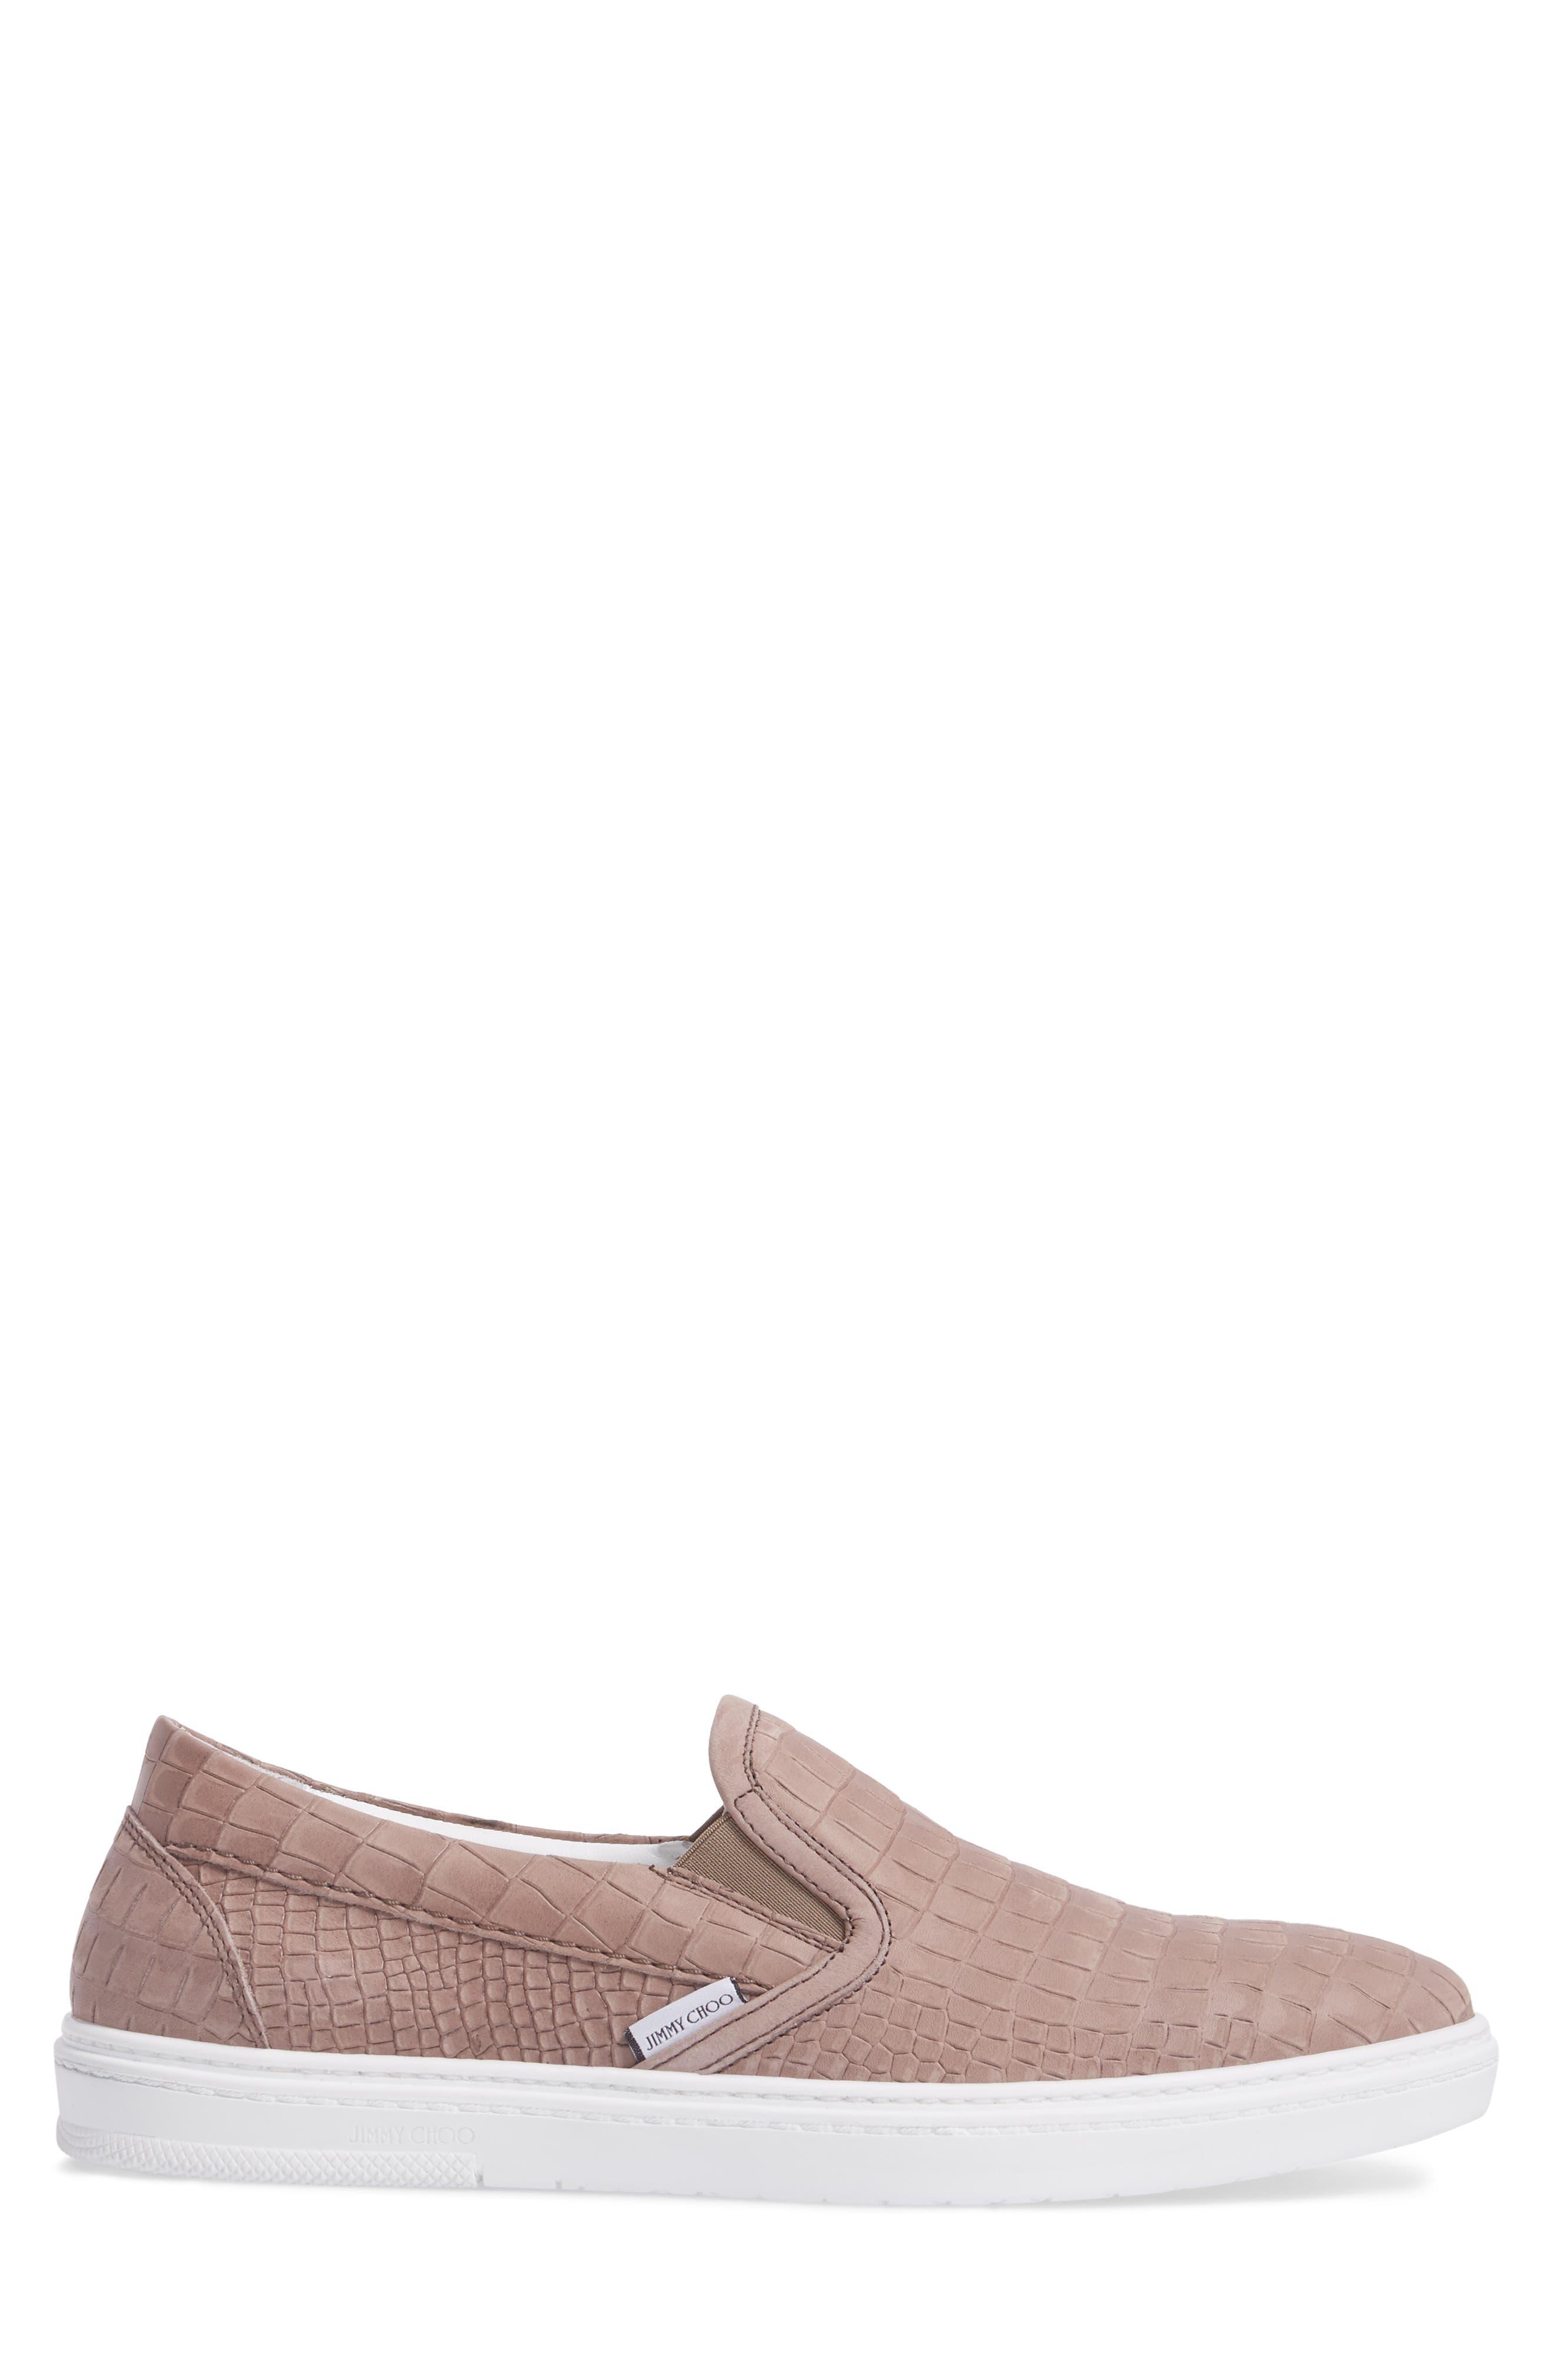 Slip-On Sneaker,                             Alternate thumbnail 3, color,                             Opal